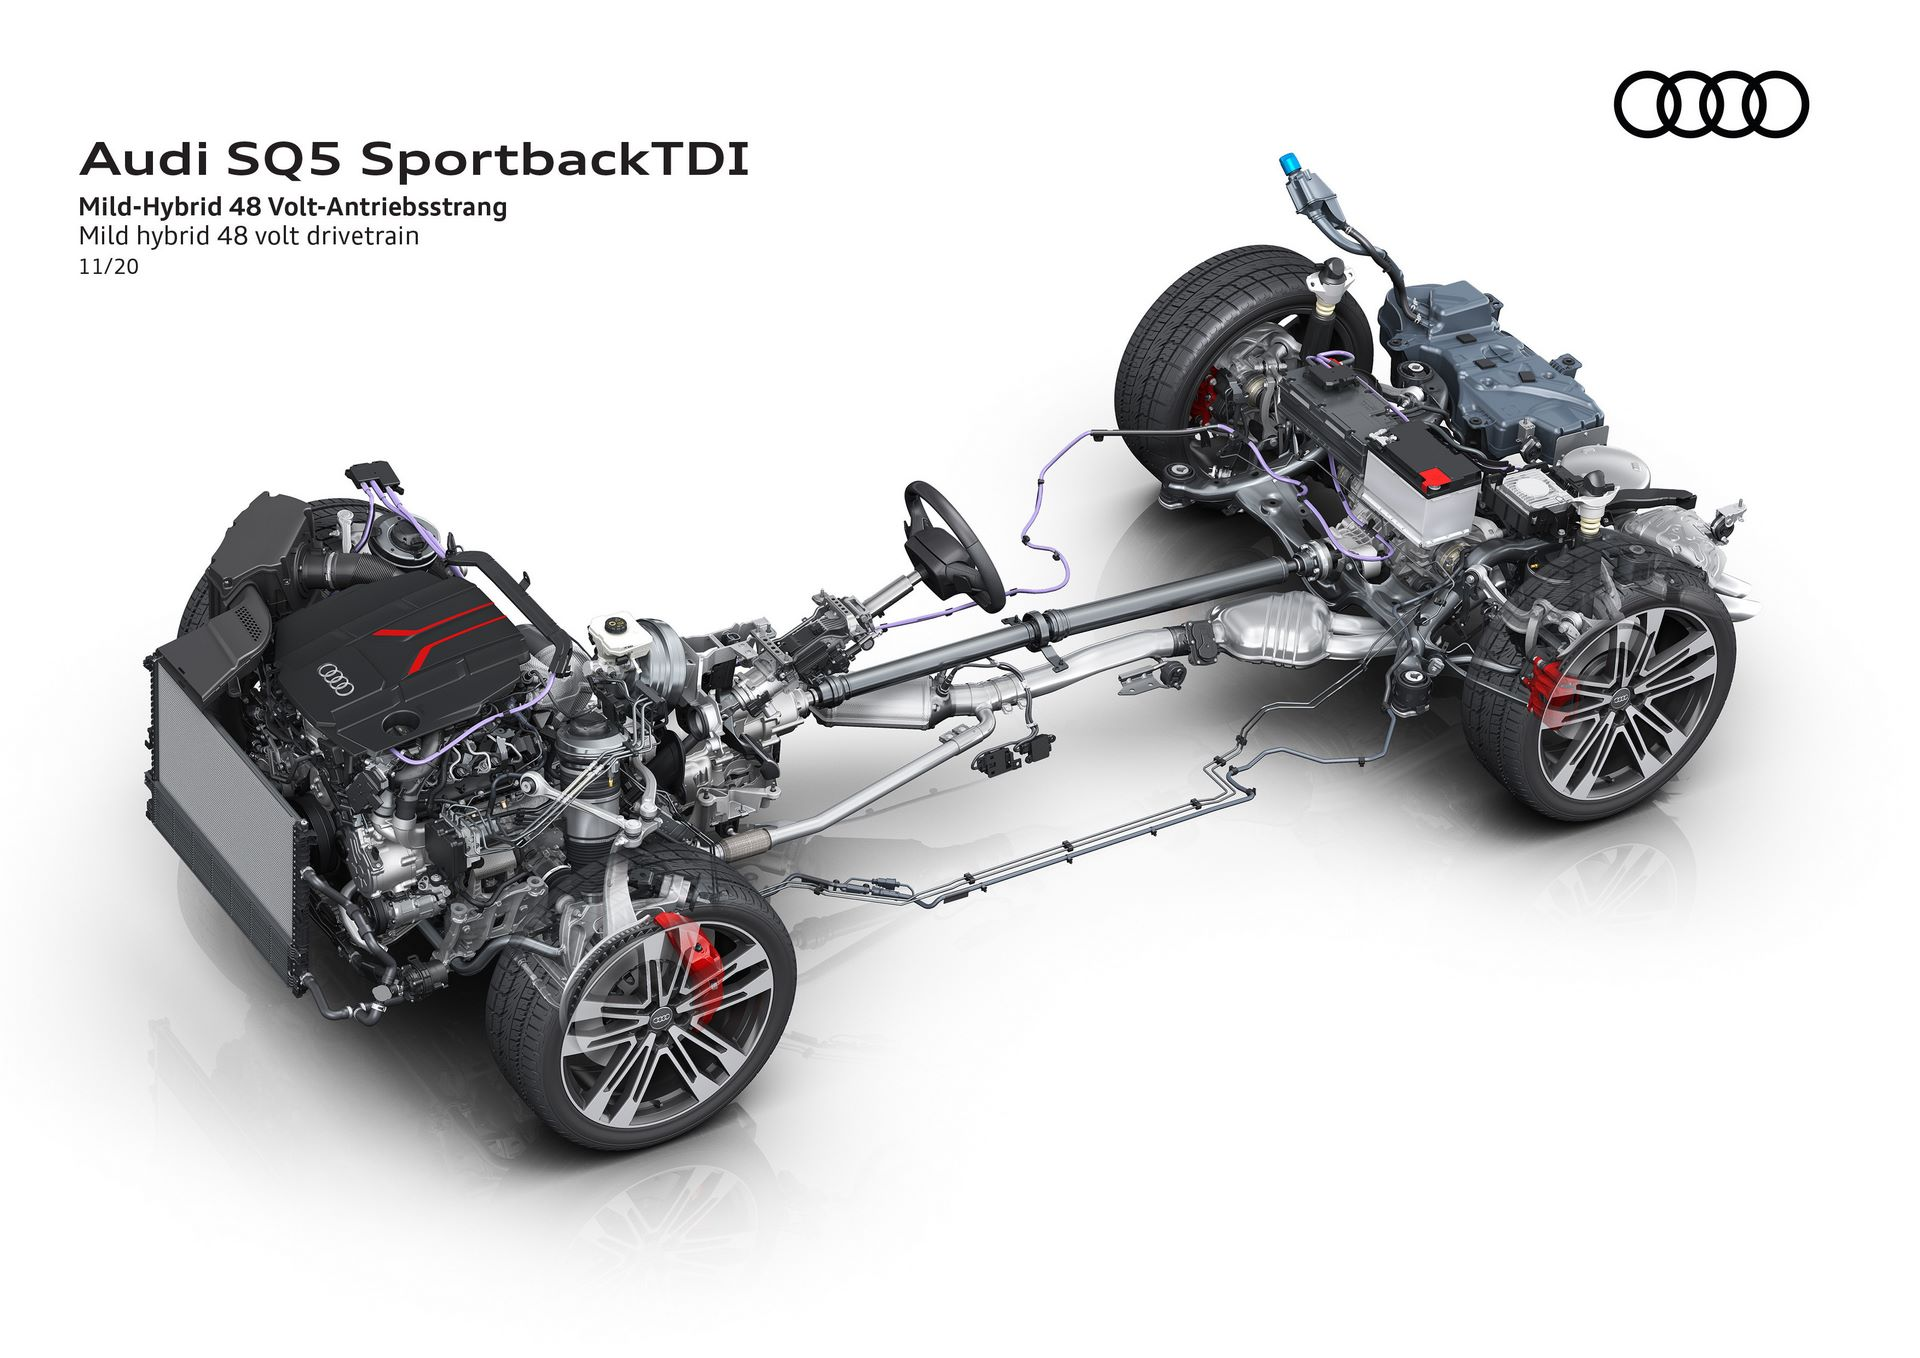 Audi SQ5 Sportback TDI